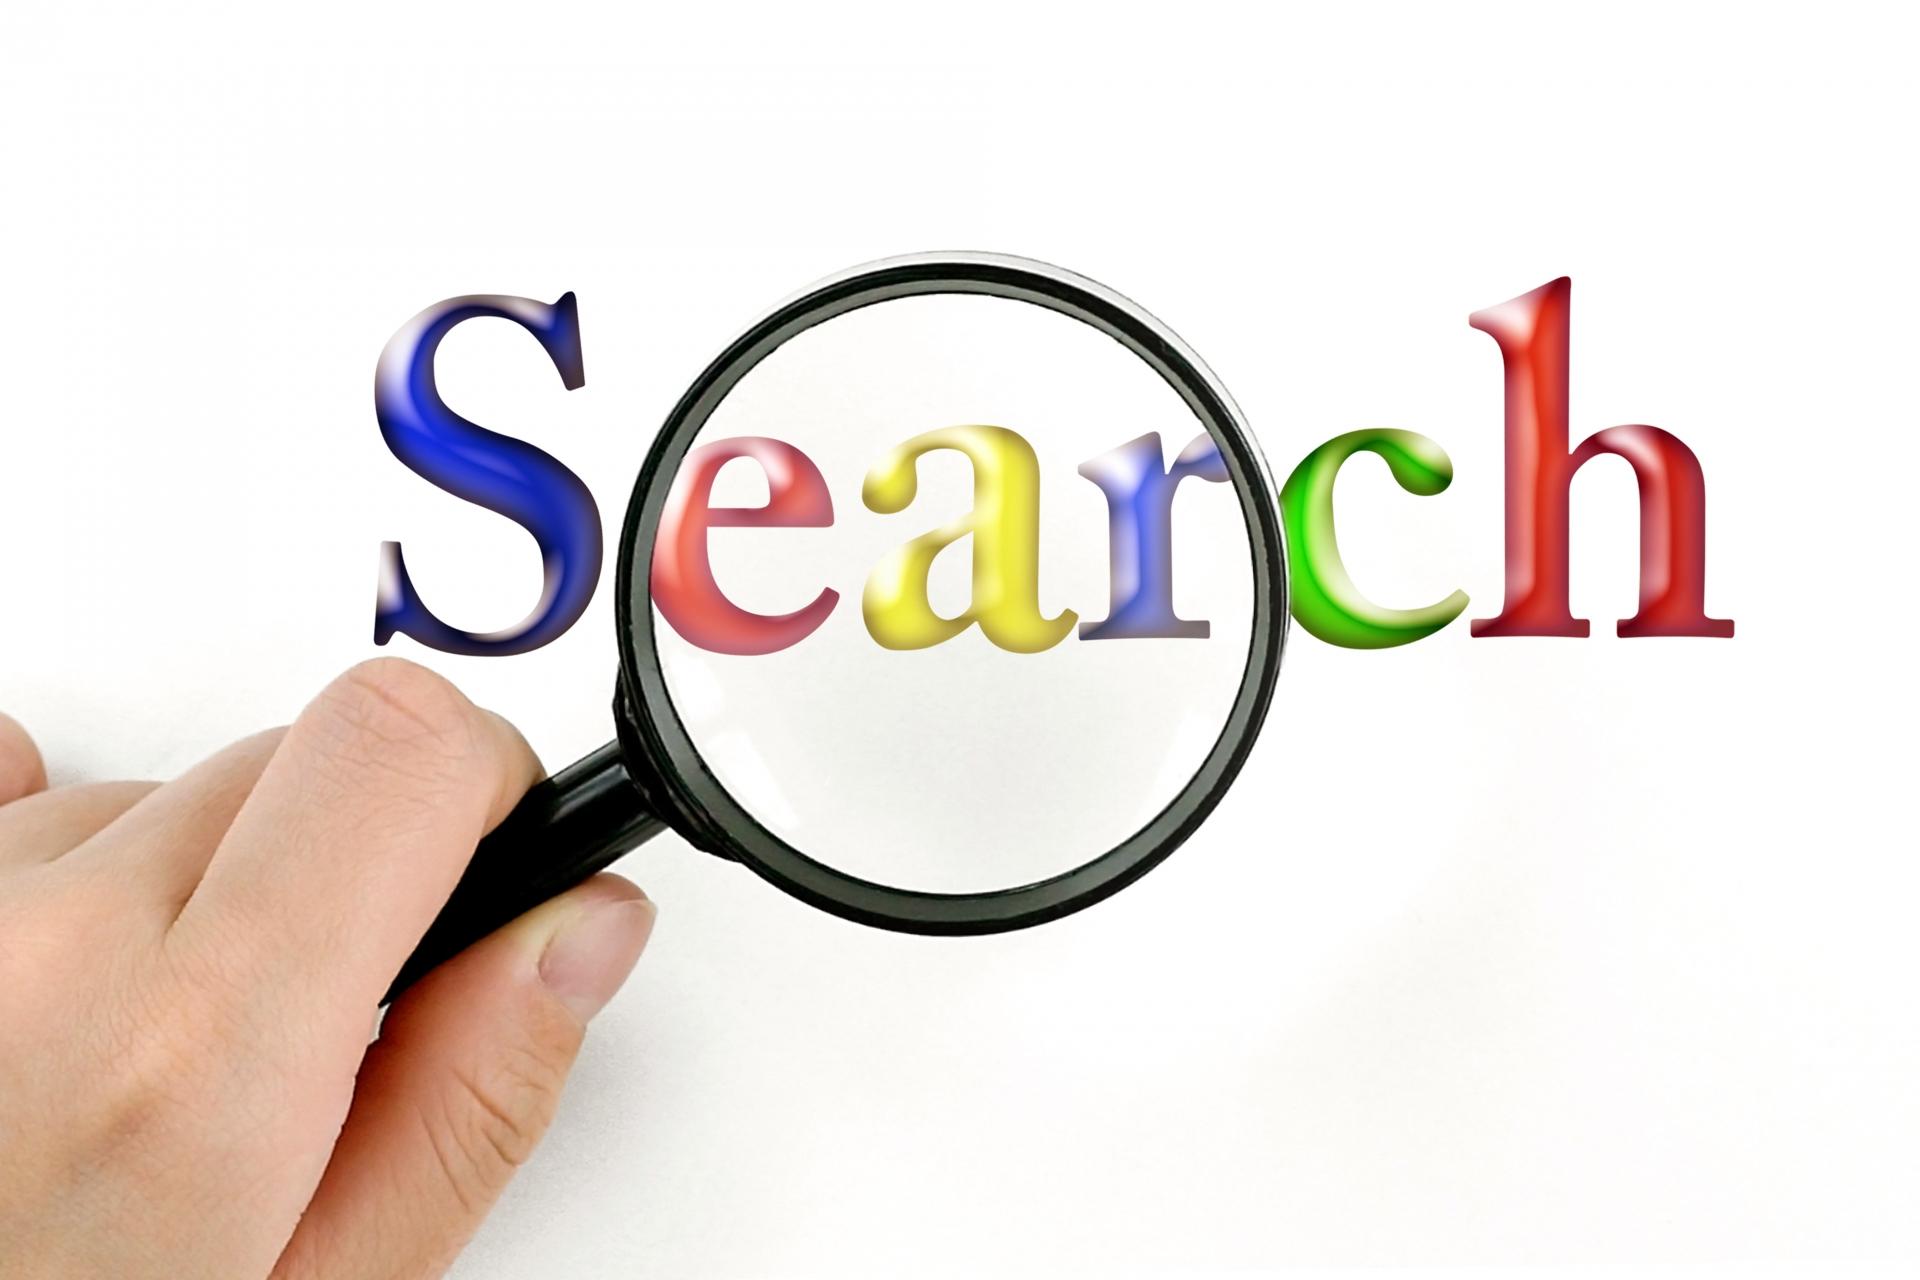 ホームページを作ったのに、社名を入れても検索結果が1ページ目に出てこない